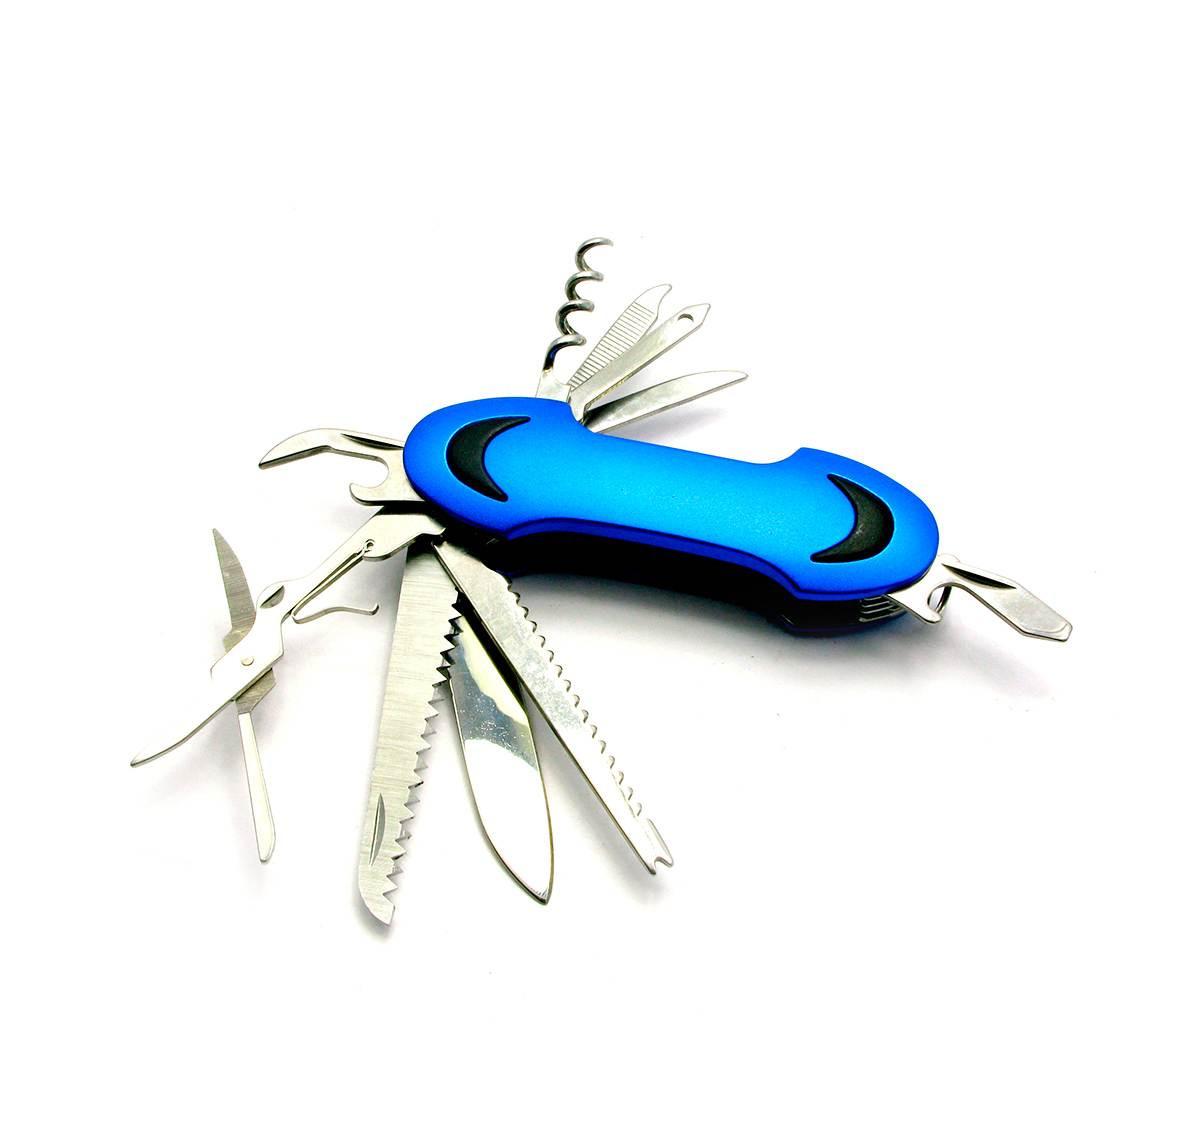 Складной нож с набором инструментов